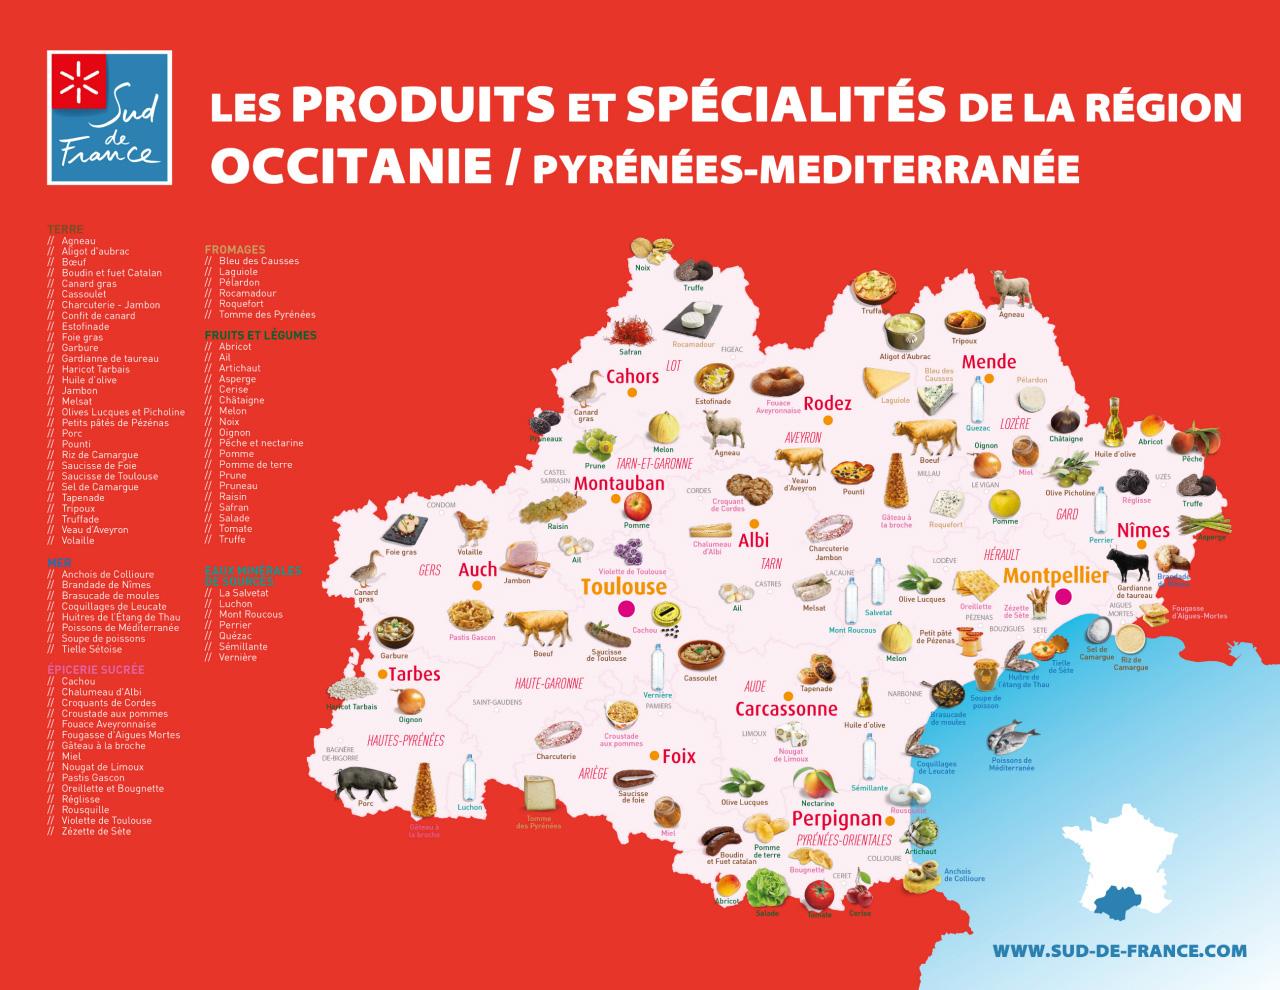 Carte géographique des produits de la marque Sud de France